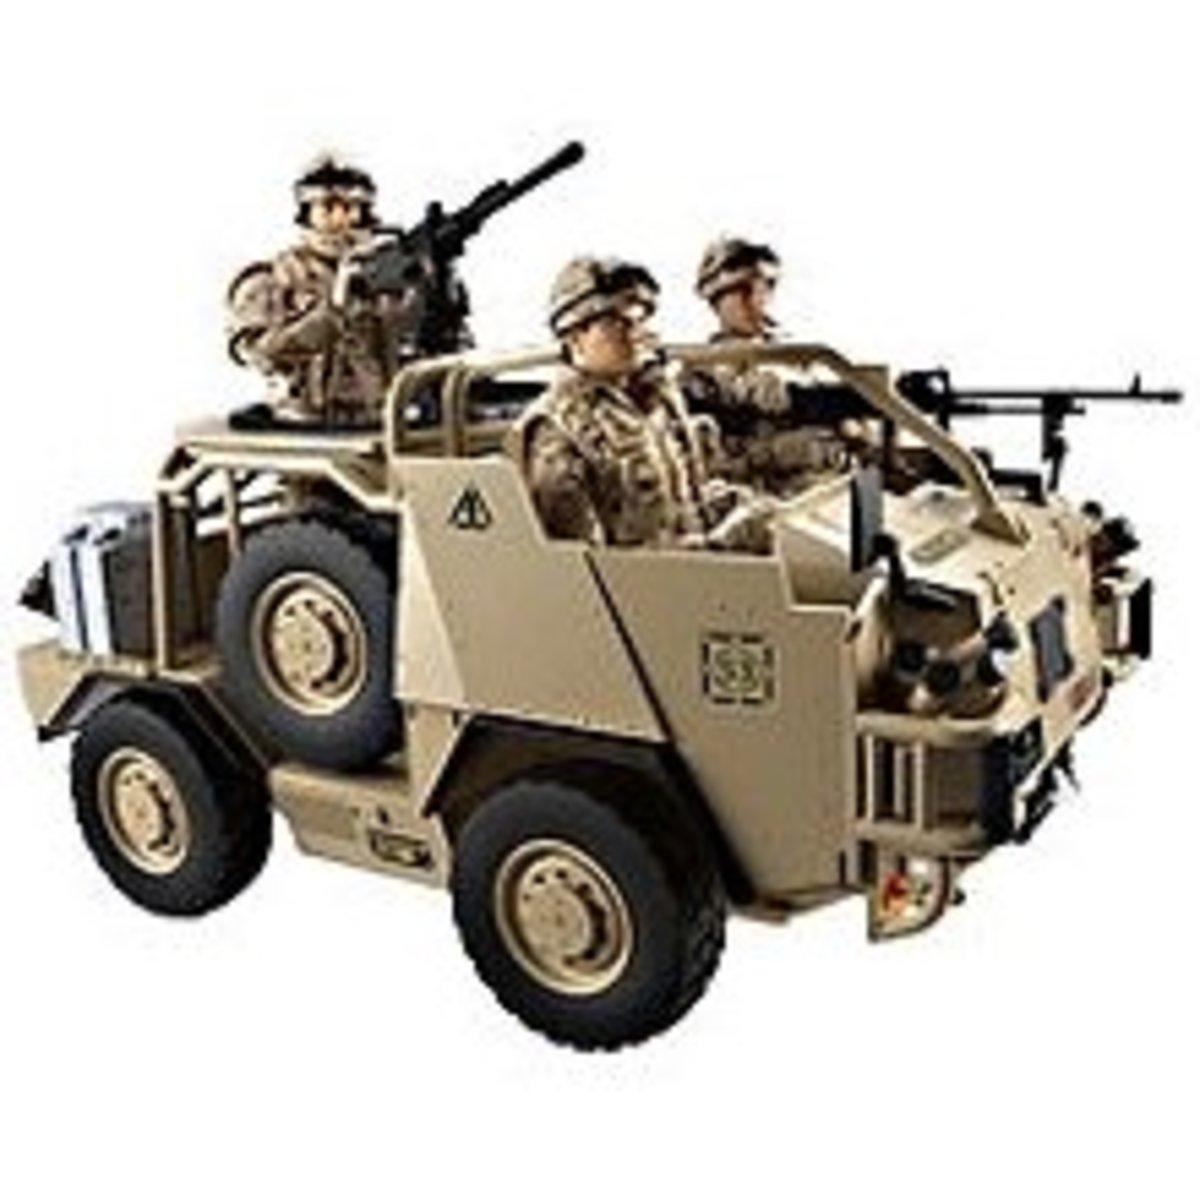 HM Armed Forces Jackal WMIK